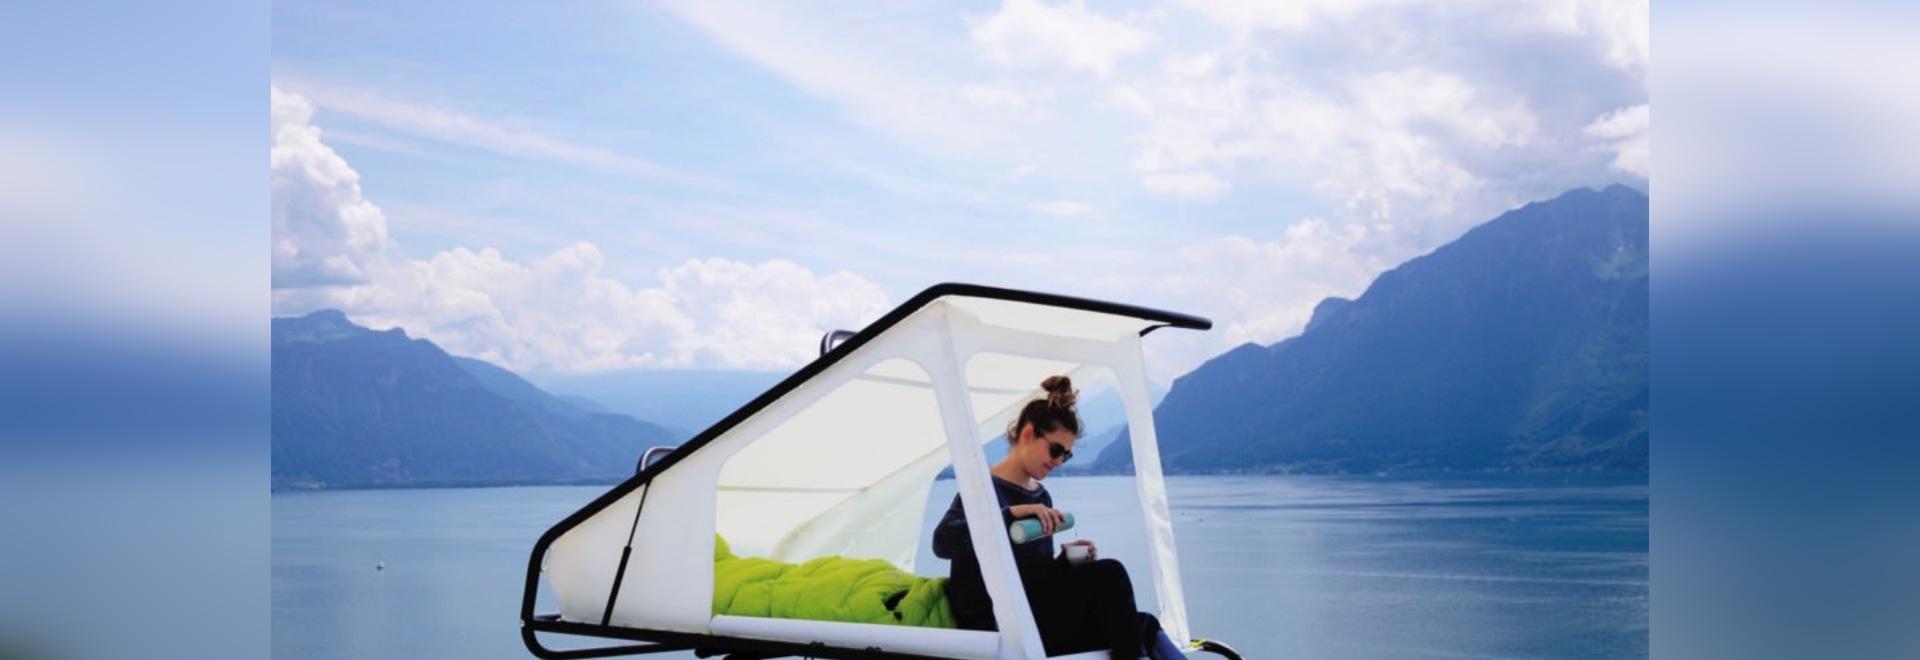 Sebastian Maluska's pop-up rooftop tent converts any car into a camper